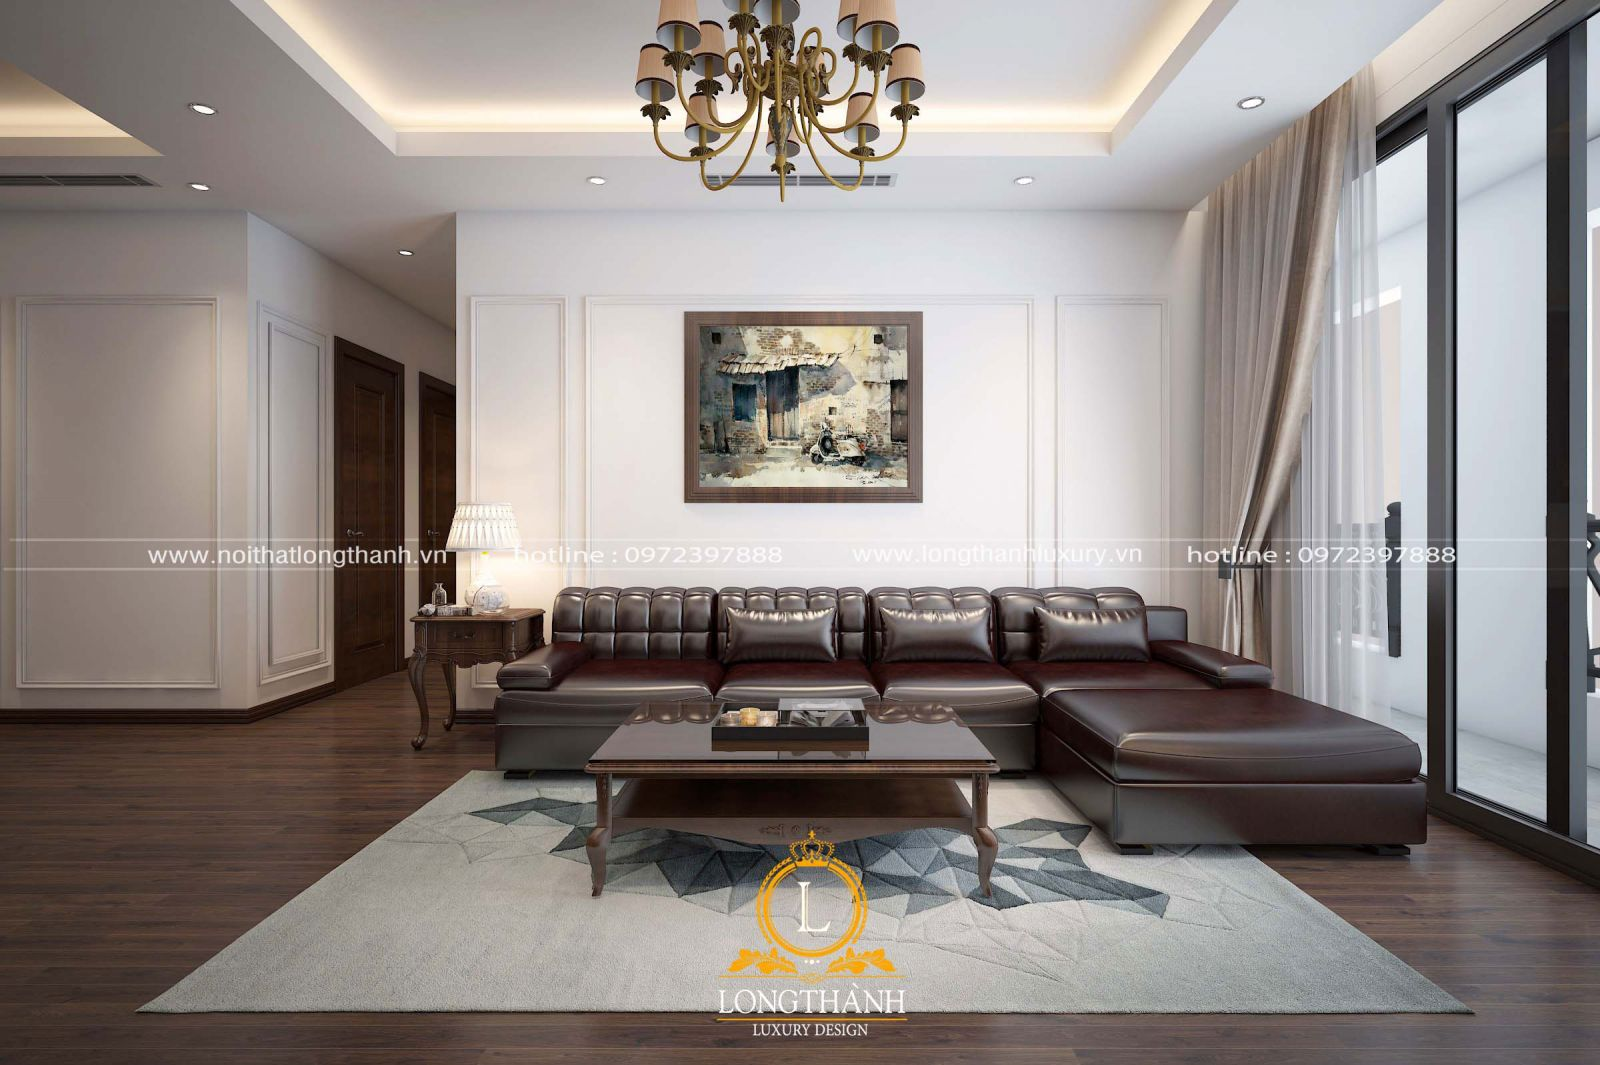 Phòng khách biệt thự hiện đại đơn giản tối ưu không gian